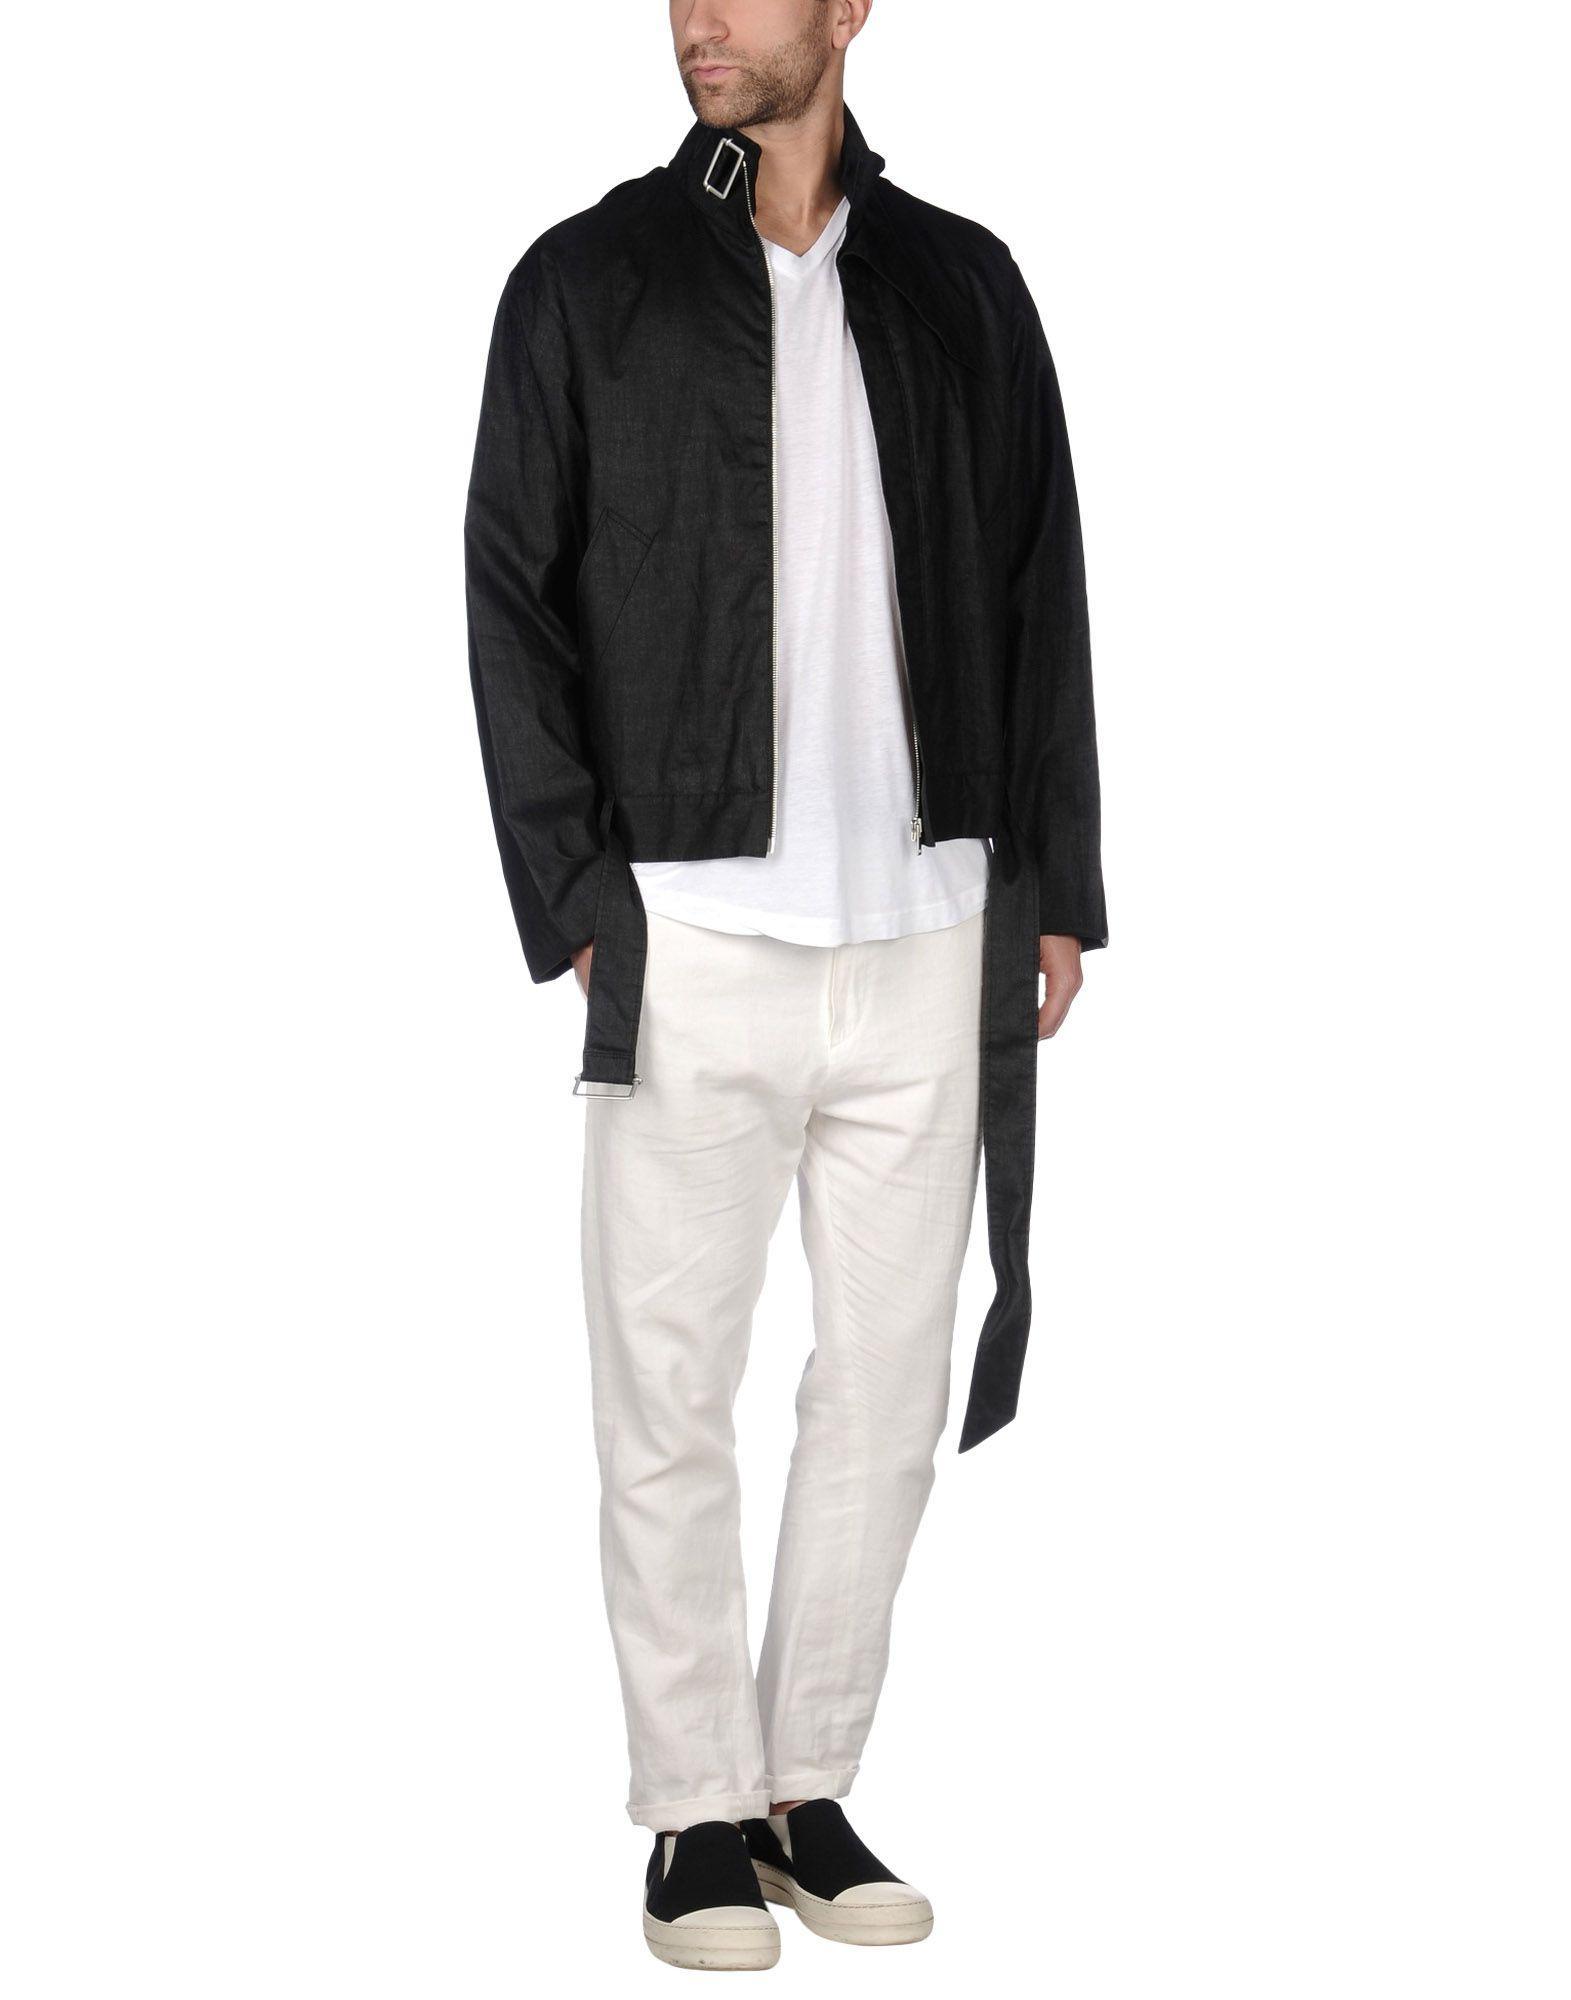 Maison Margiela Linen Jacket in Black for Men